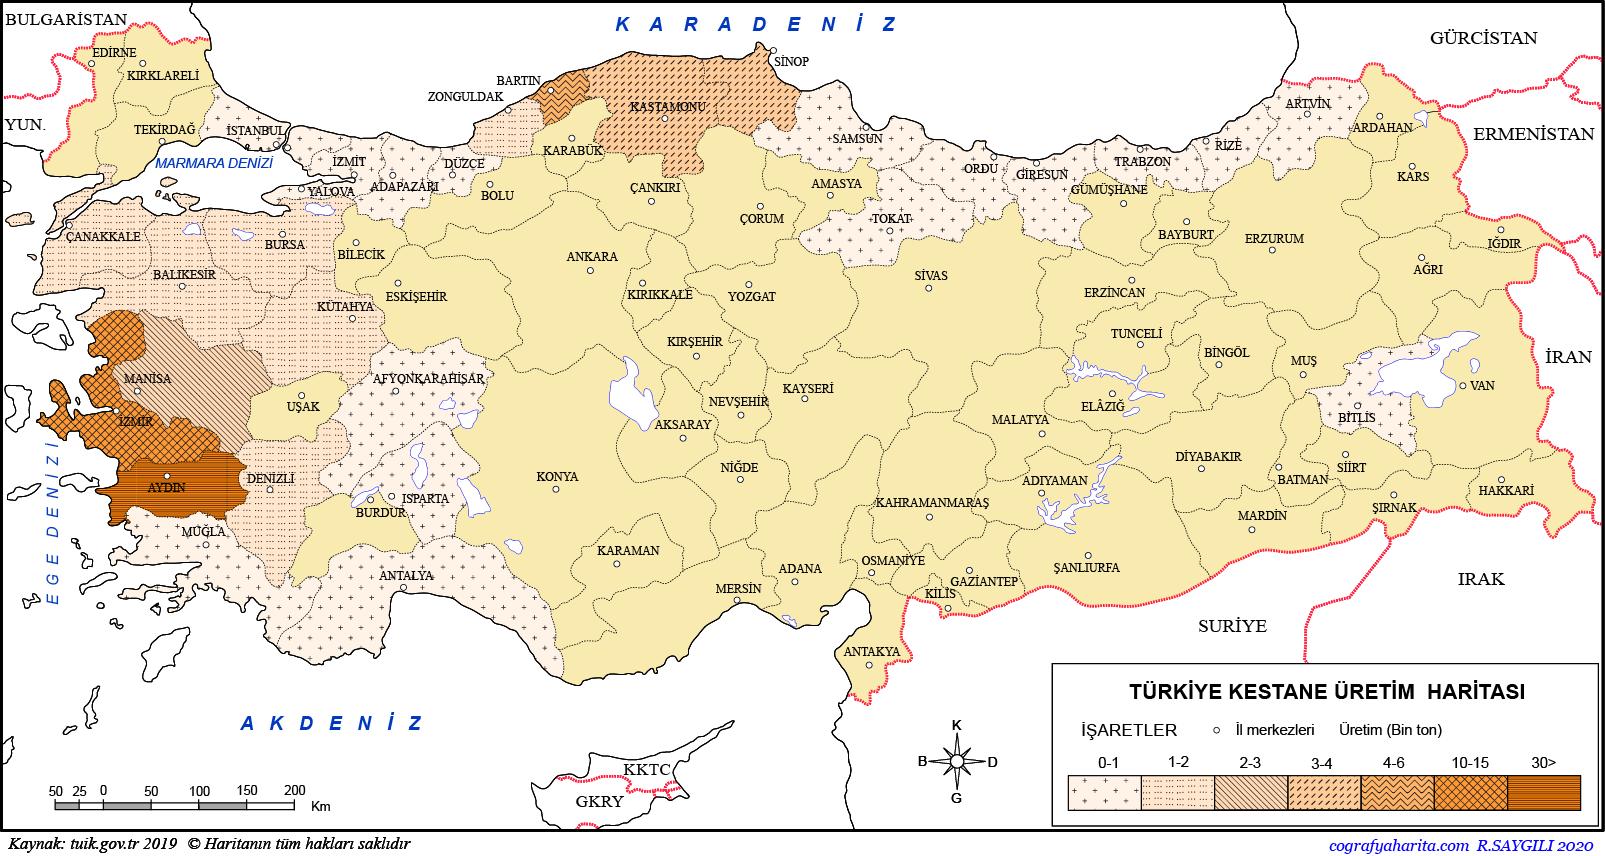 Türkiye Kestane Üretim Haritası